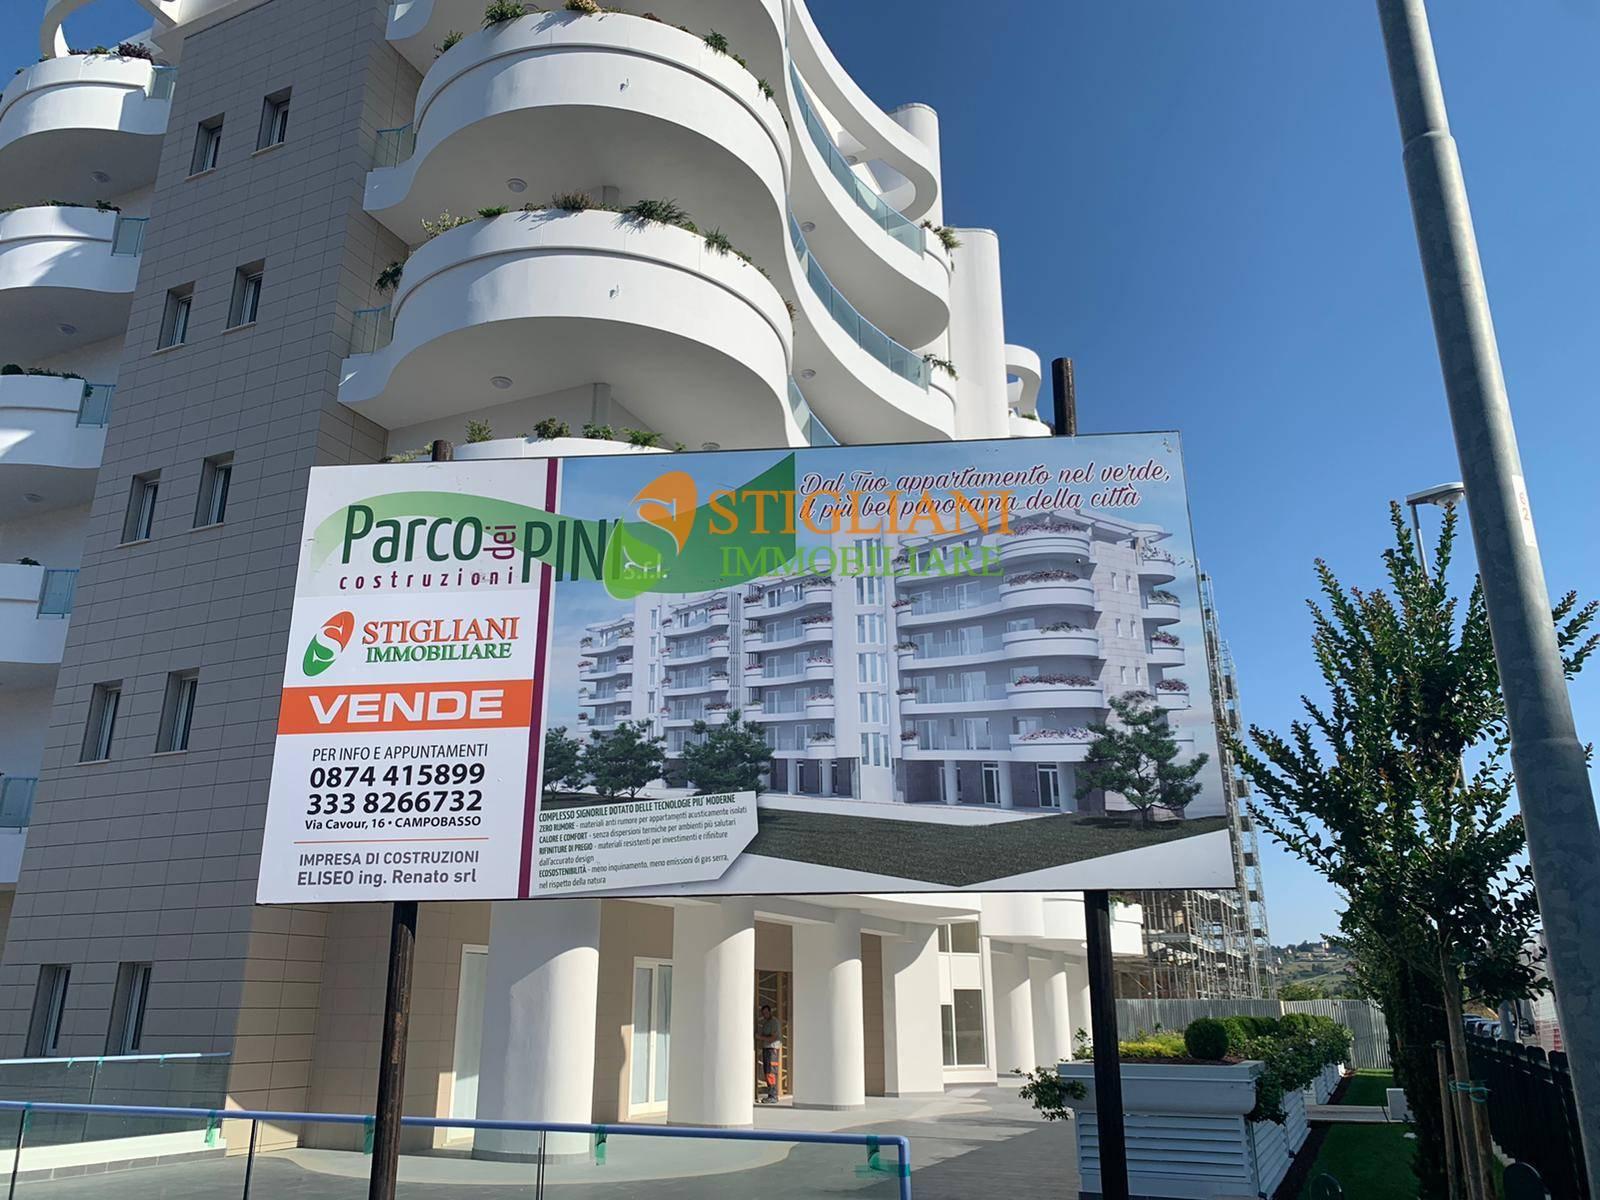 Appartamento in vendita a Campobasso, 2 locali, zona Zona: Centro, Trattative riservate | CambioCasa.it